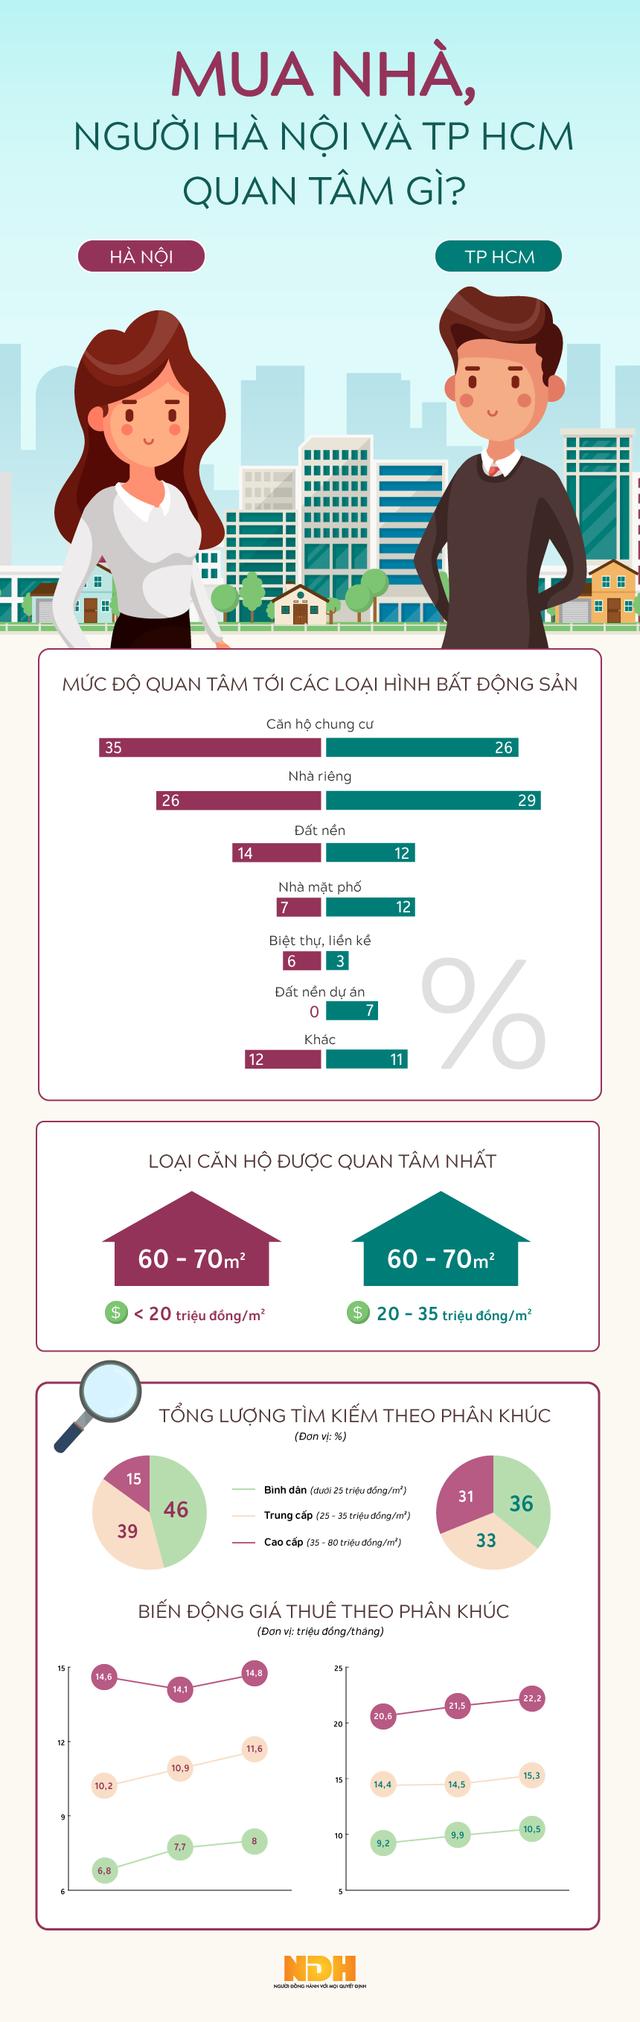 [Infographic] Mua nhà, người TP HCM và Hà Nội quan tâm gì? - Ảnh 1.